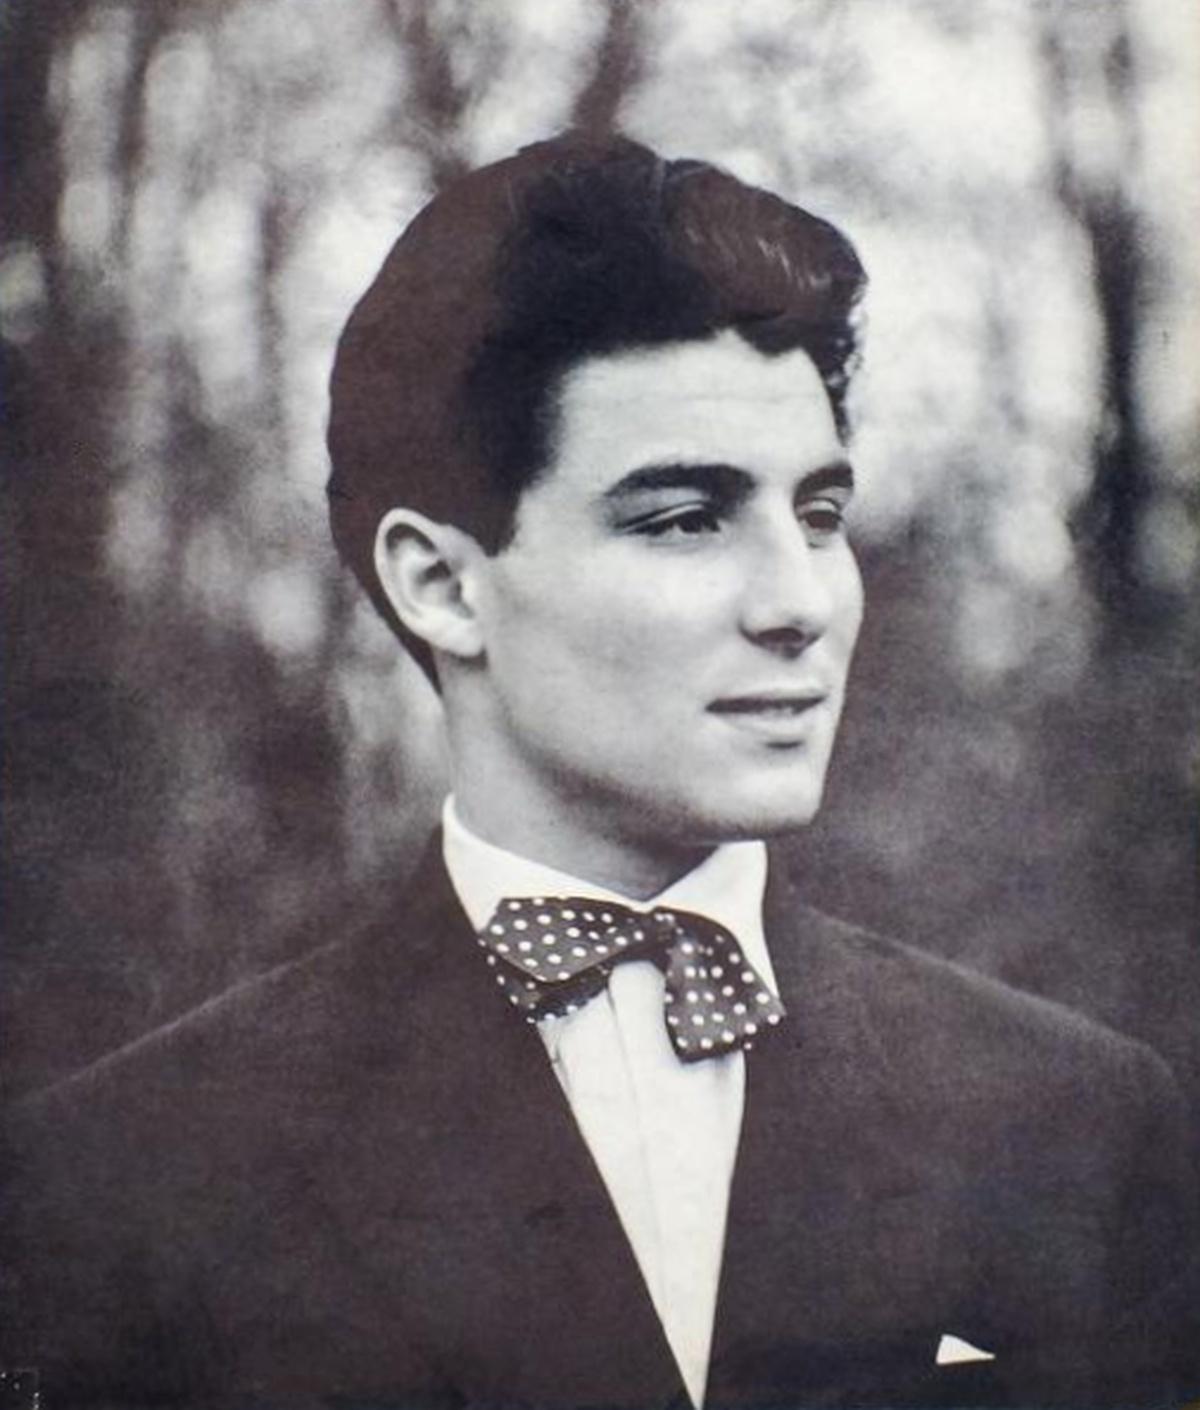 Roberto BENZI, un portrait fait par Roger HAUERT, publié en 1955 dans le livre Roberto Benzi de Bernard Gavoty